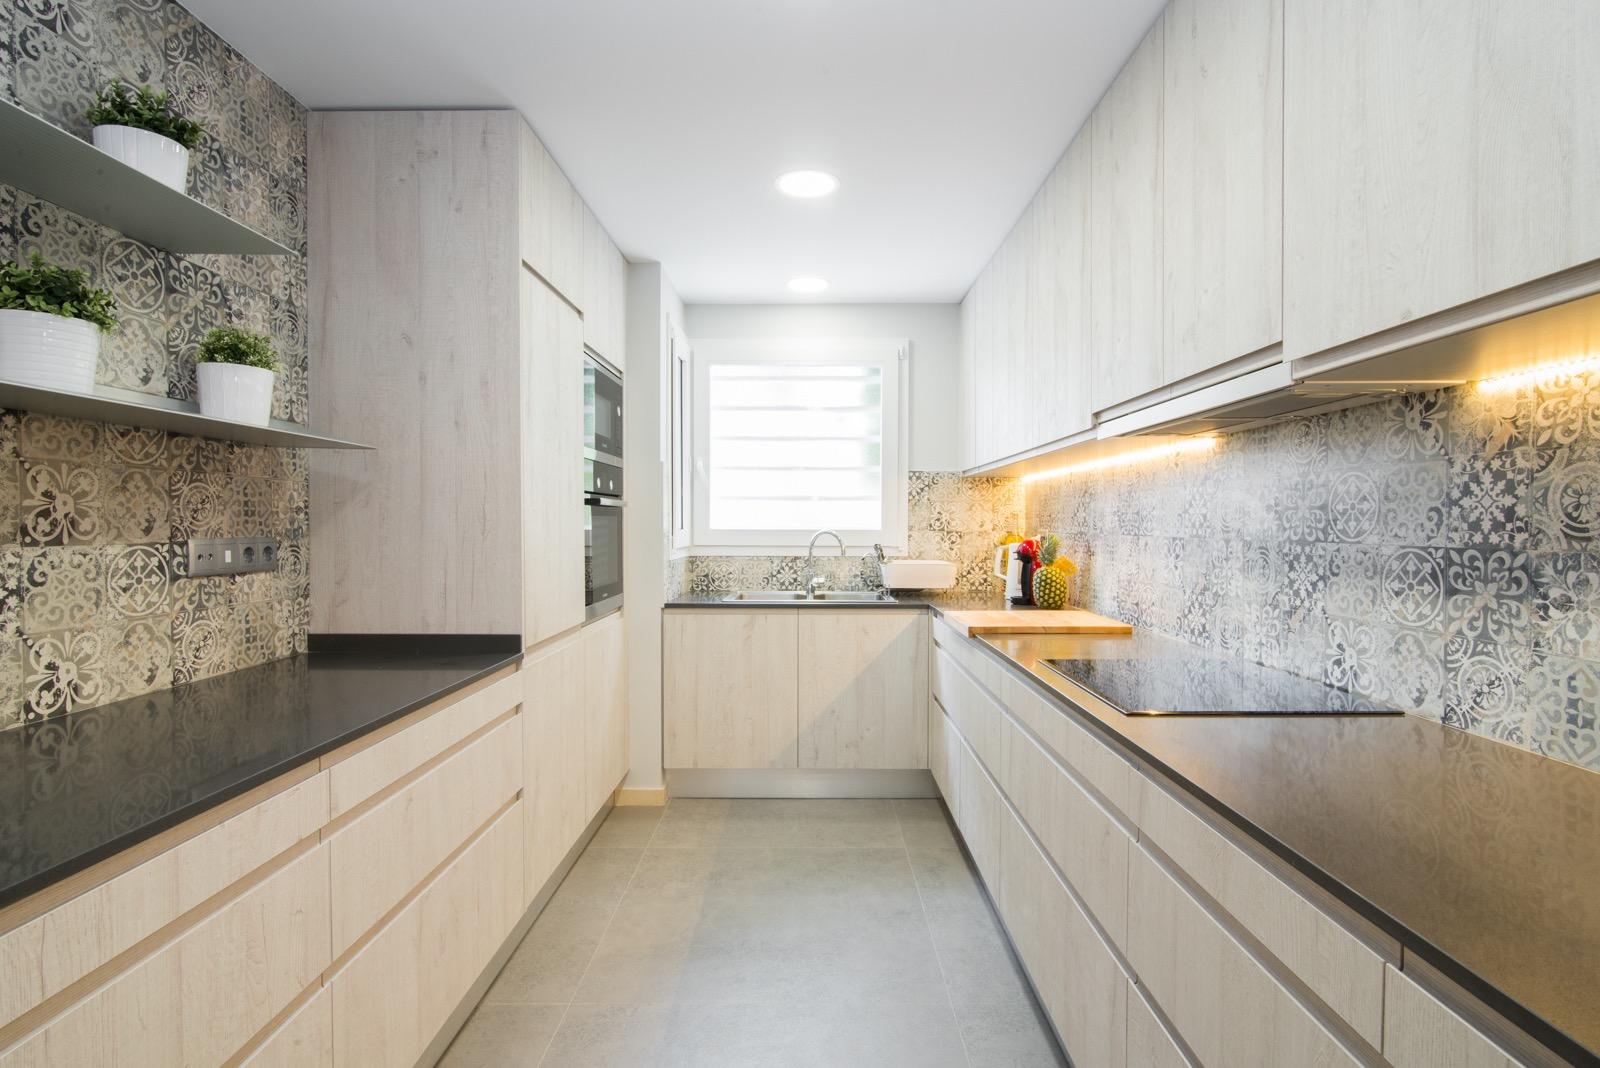 Reformas integrales de cocina en Barcelona